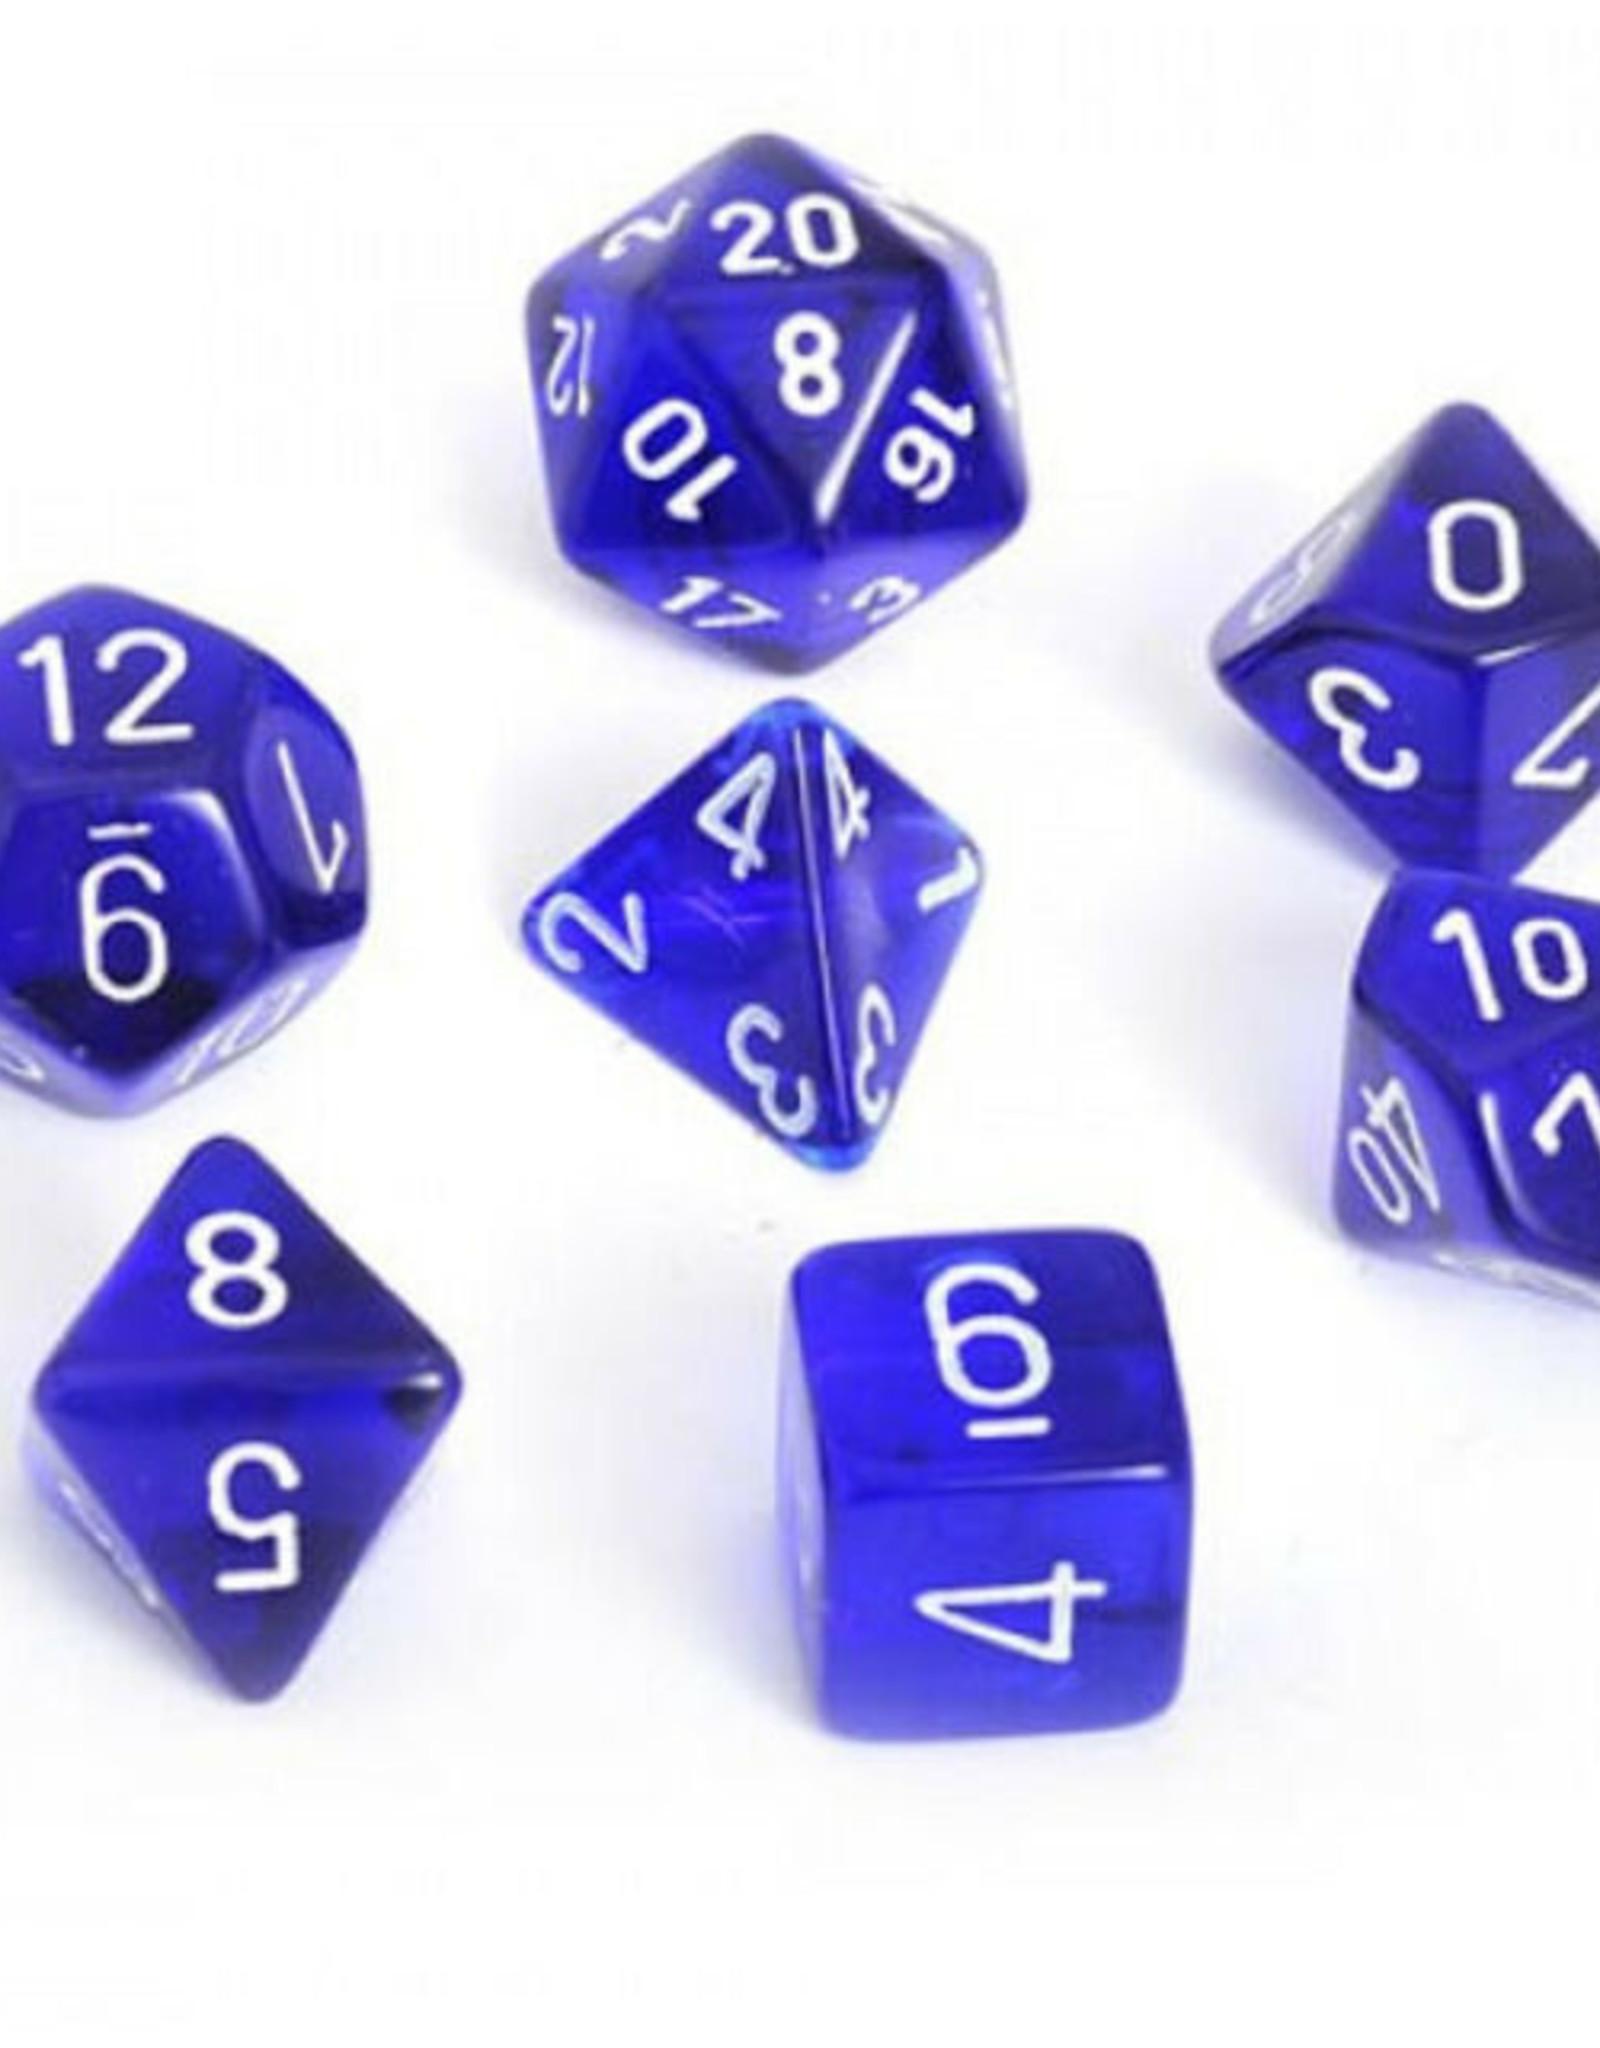 Chessex Chessex 7-Die set Translucent - Blue/White